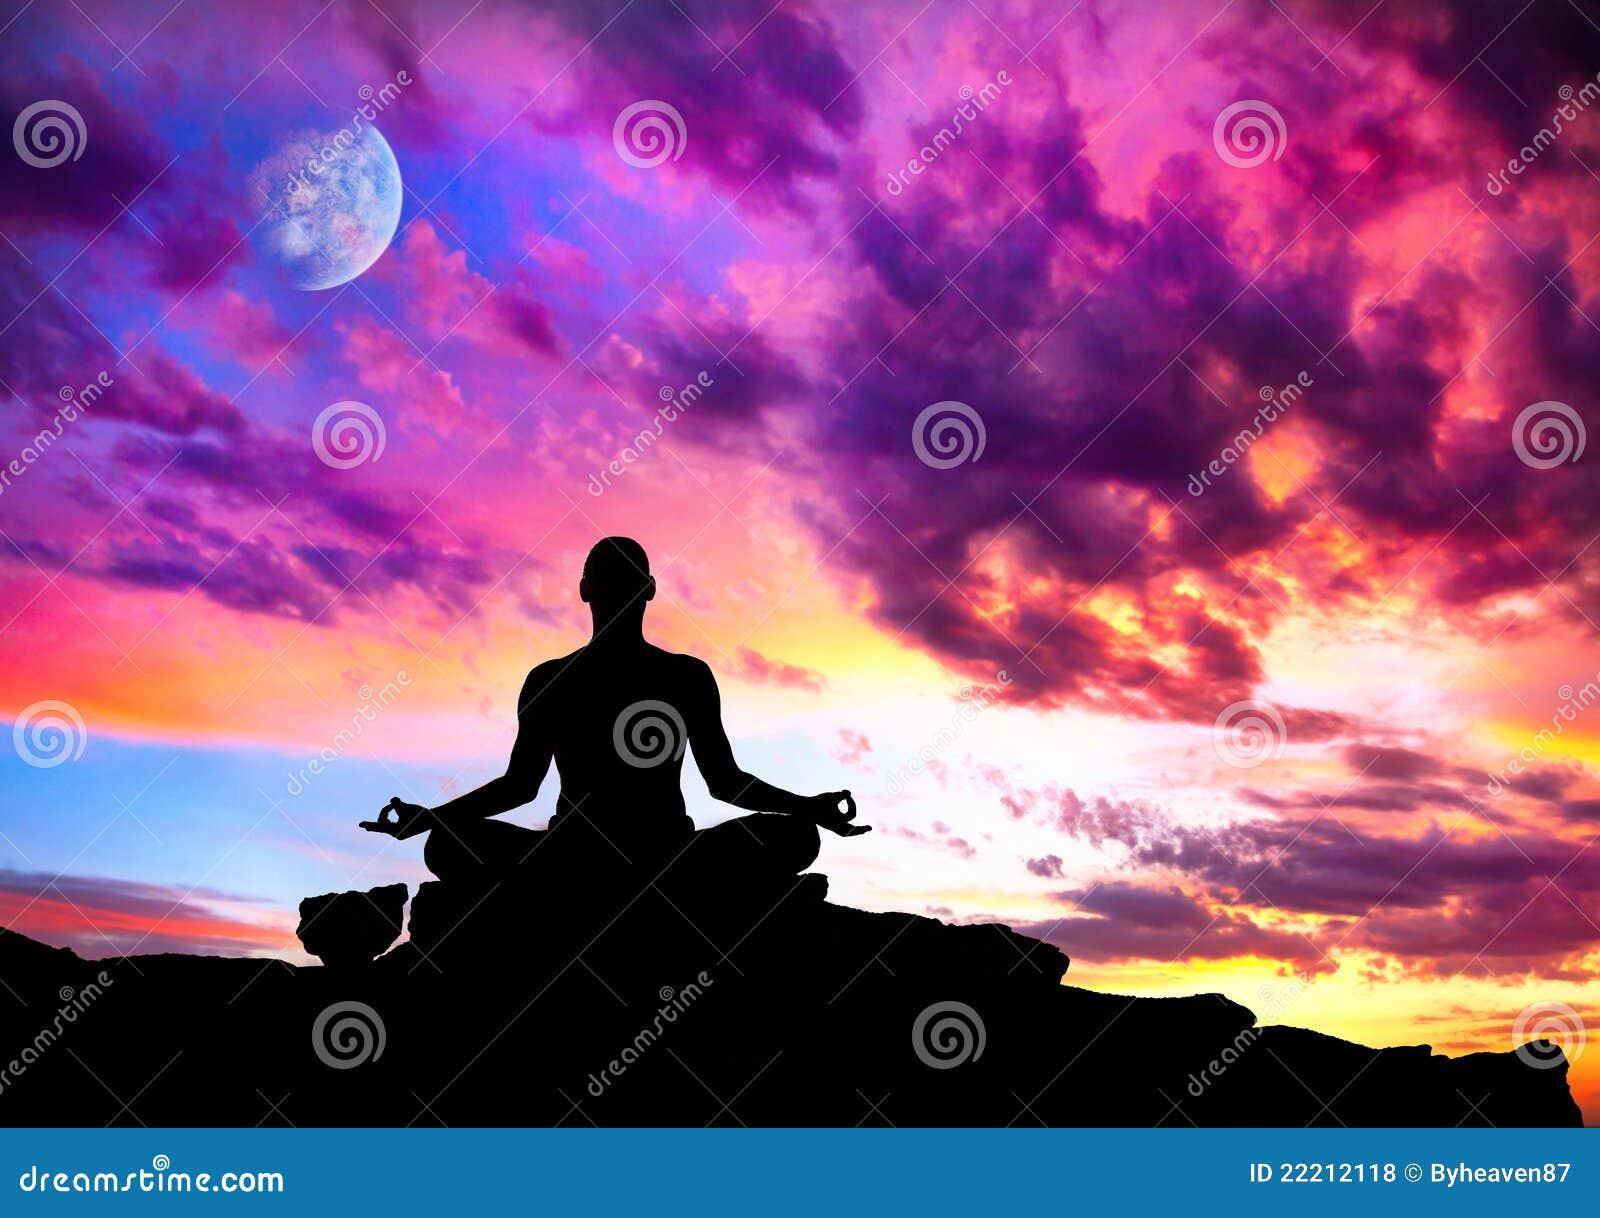 Yoga meditation in lotus pose by man silhouette with moon and purple    Yoga Meditation Pose Silhouette